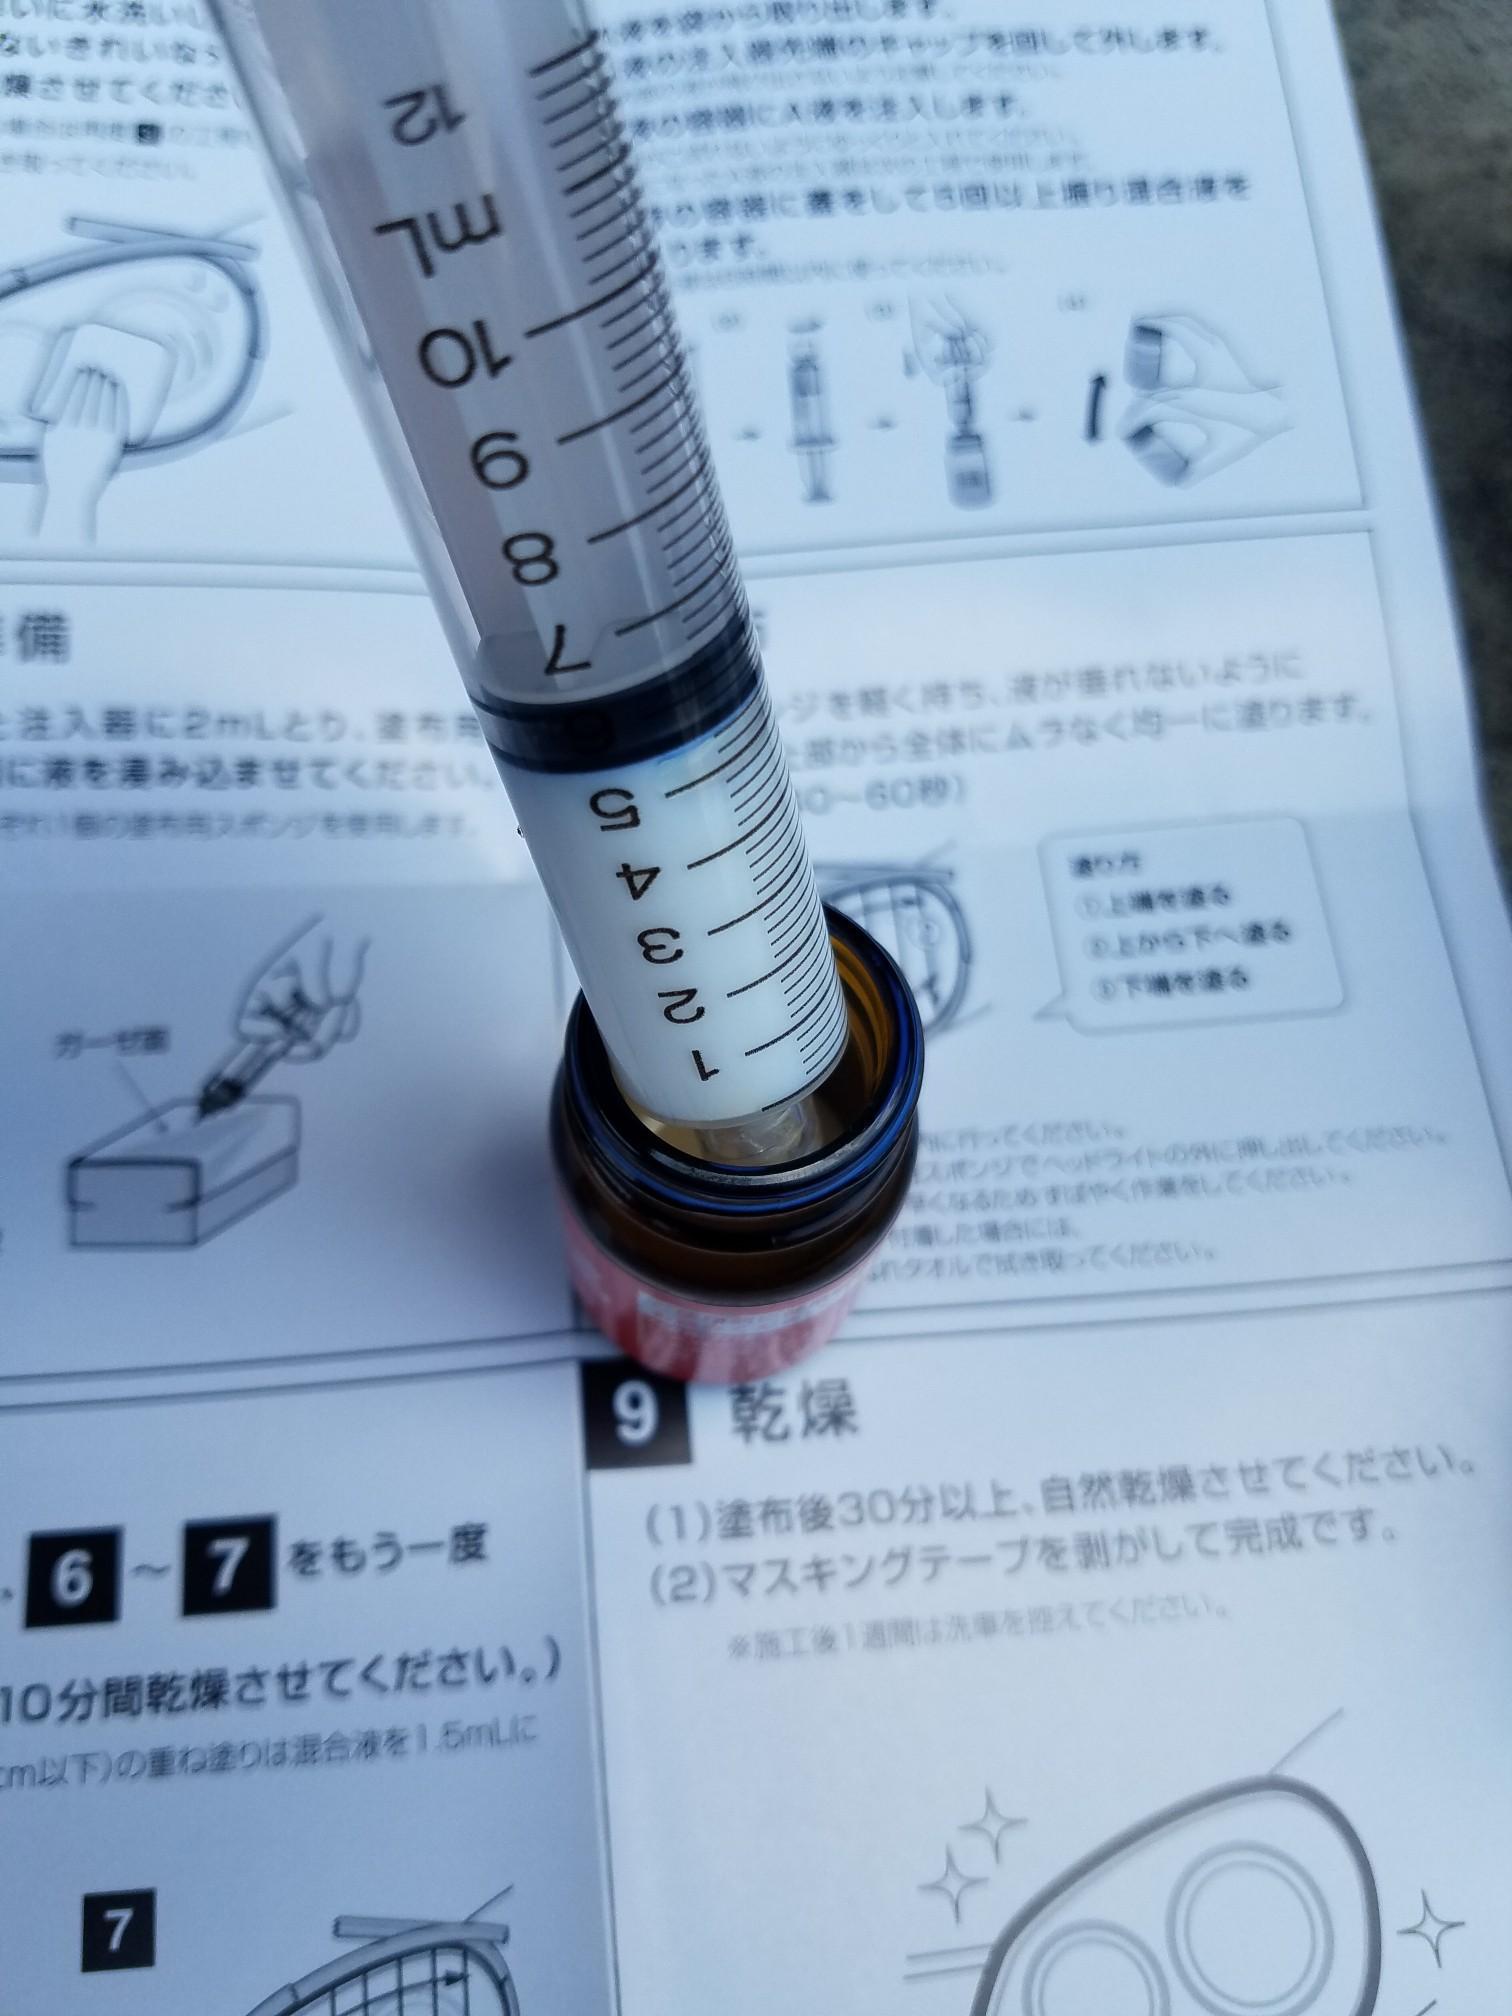 A液が入っていたポンプに混ざったコート剤を入れ、